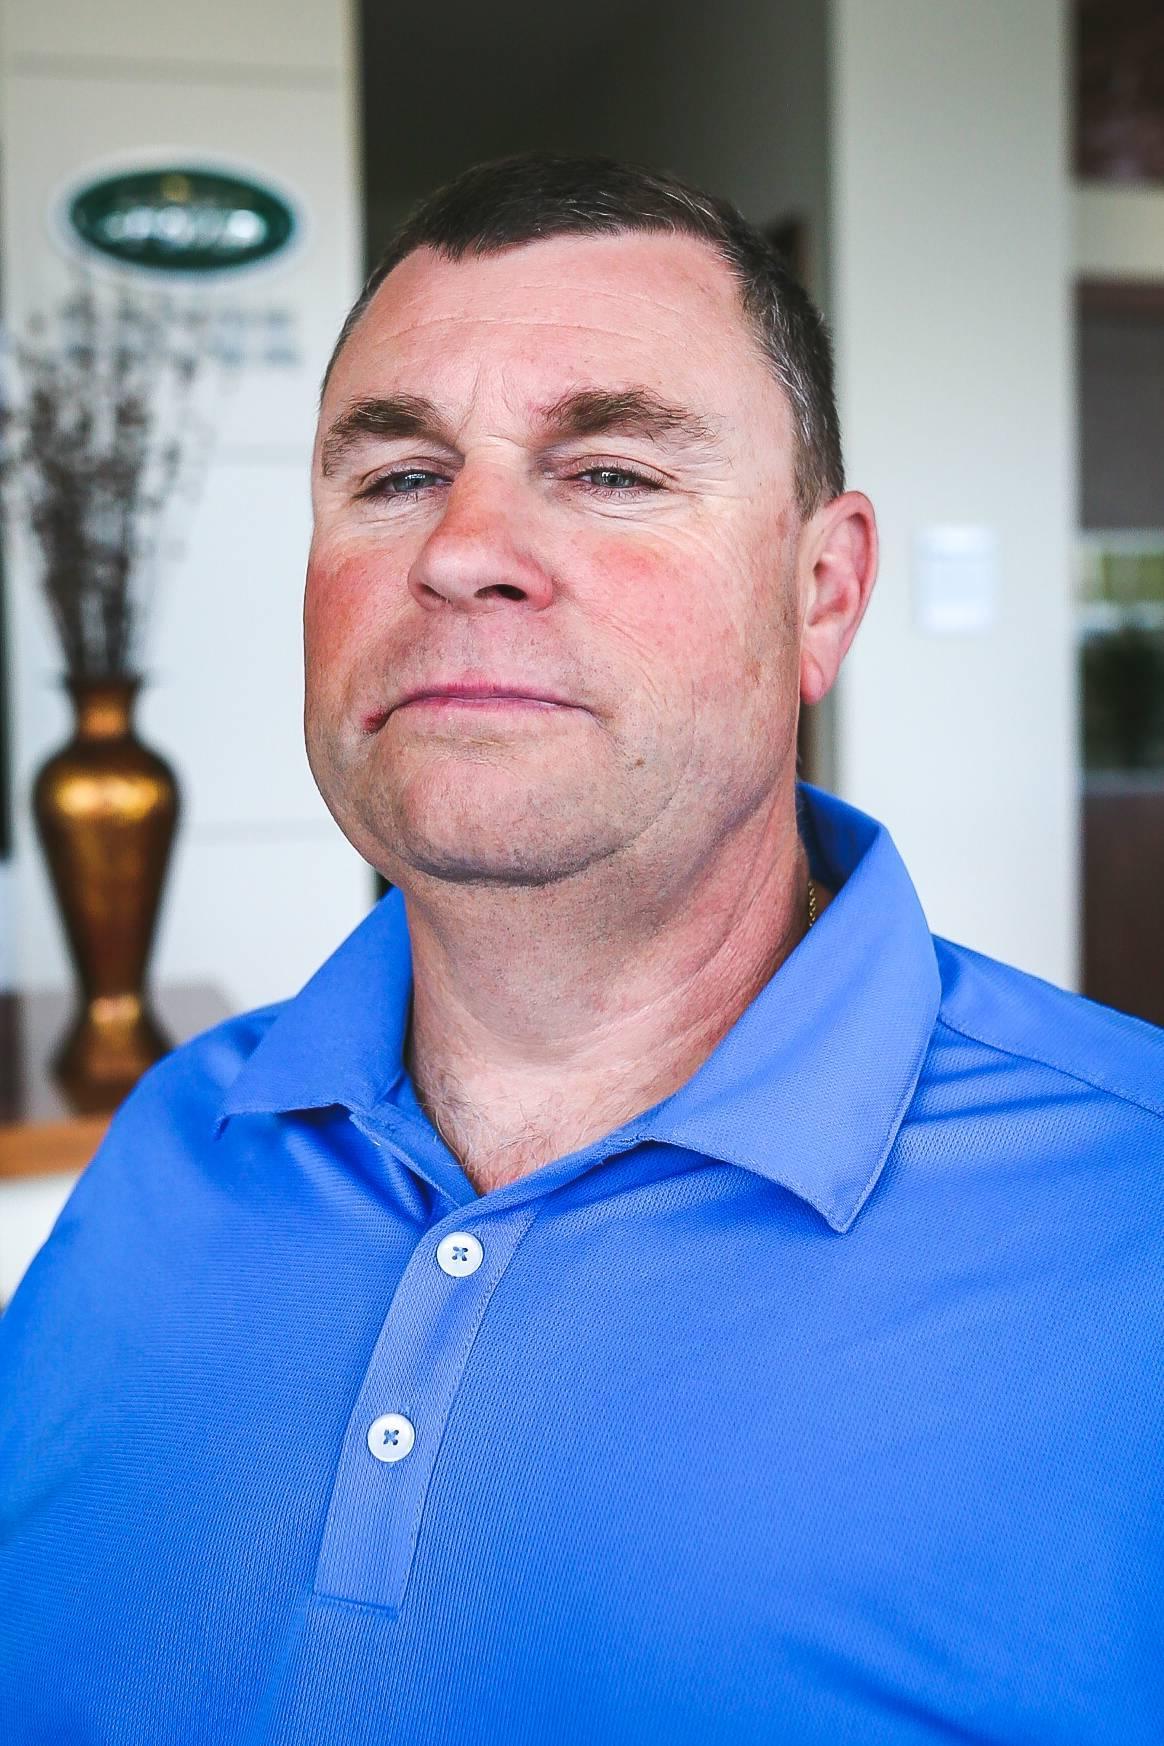 Craig Priszner